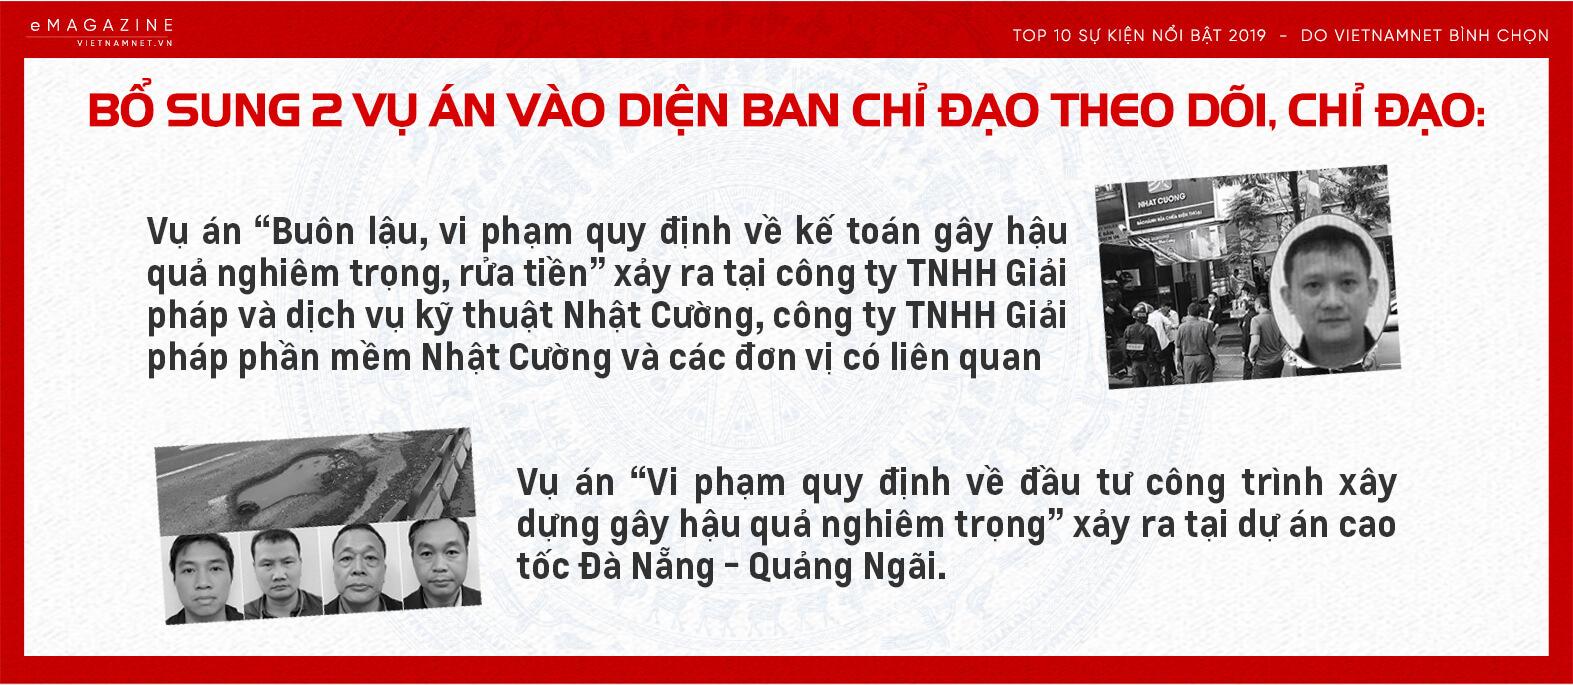 Tổng bí thư,Chủ tịch nước,Nguyễn Phú Trọng,sự kiện nổi bật 2019,chống tham nhũng